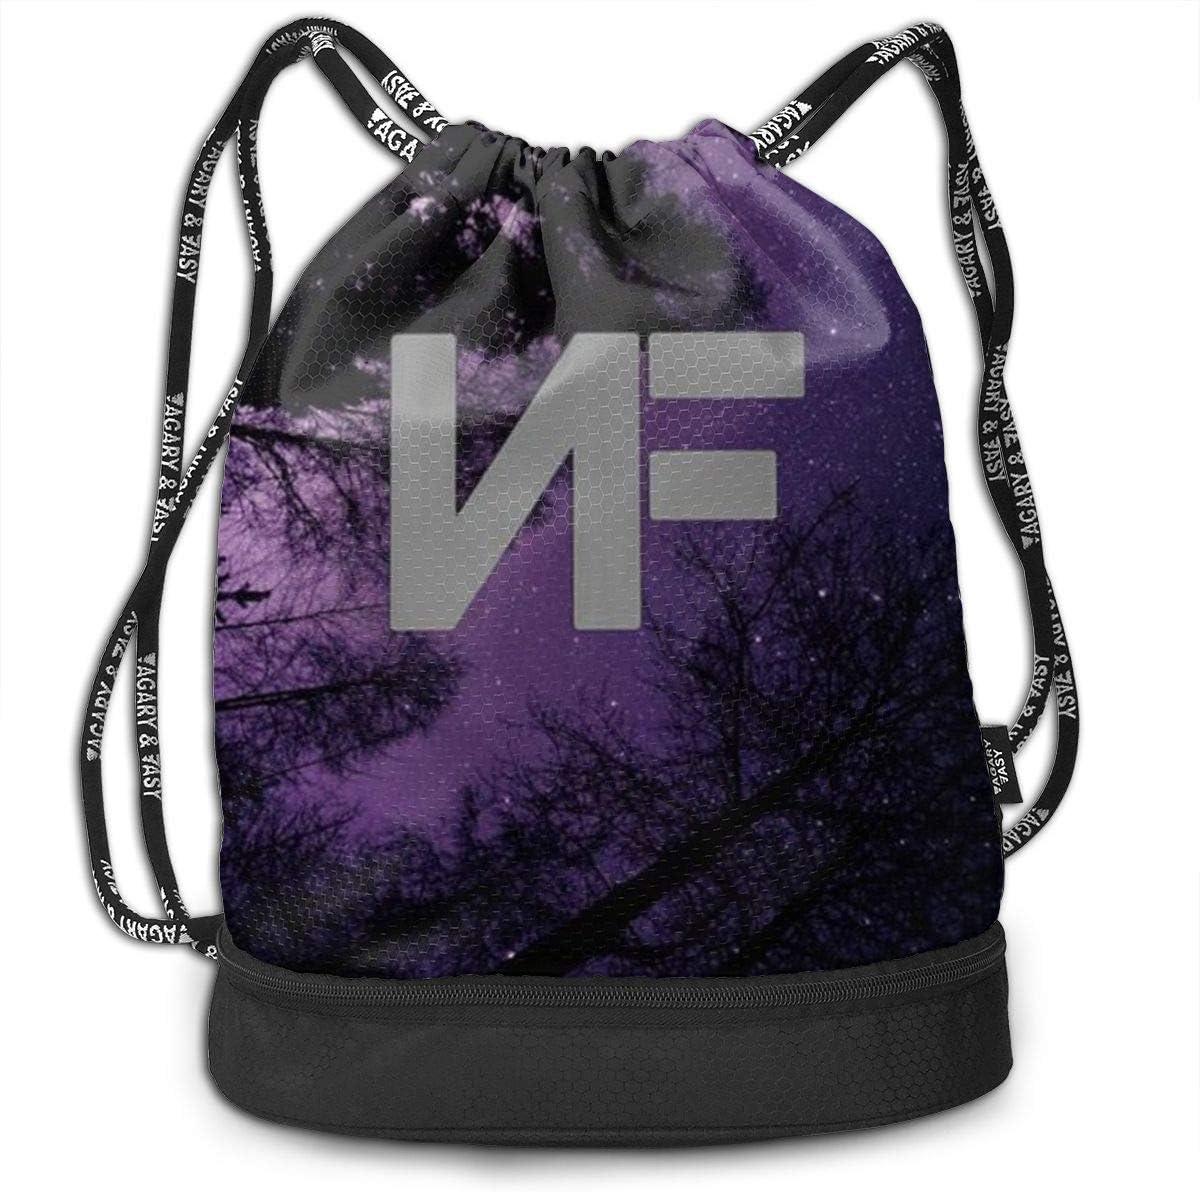 HUOPR5Q The NF Drawstring Backpack Sport Gym Sack Shoulder Bulk Bag Dance Bag for School Travel